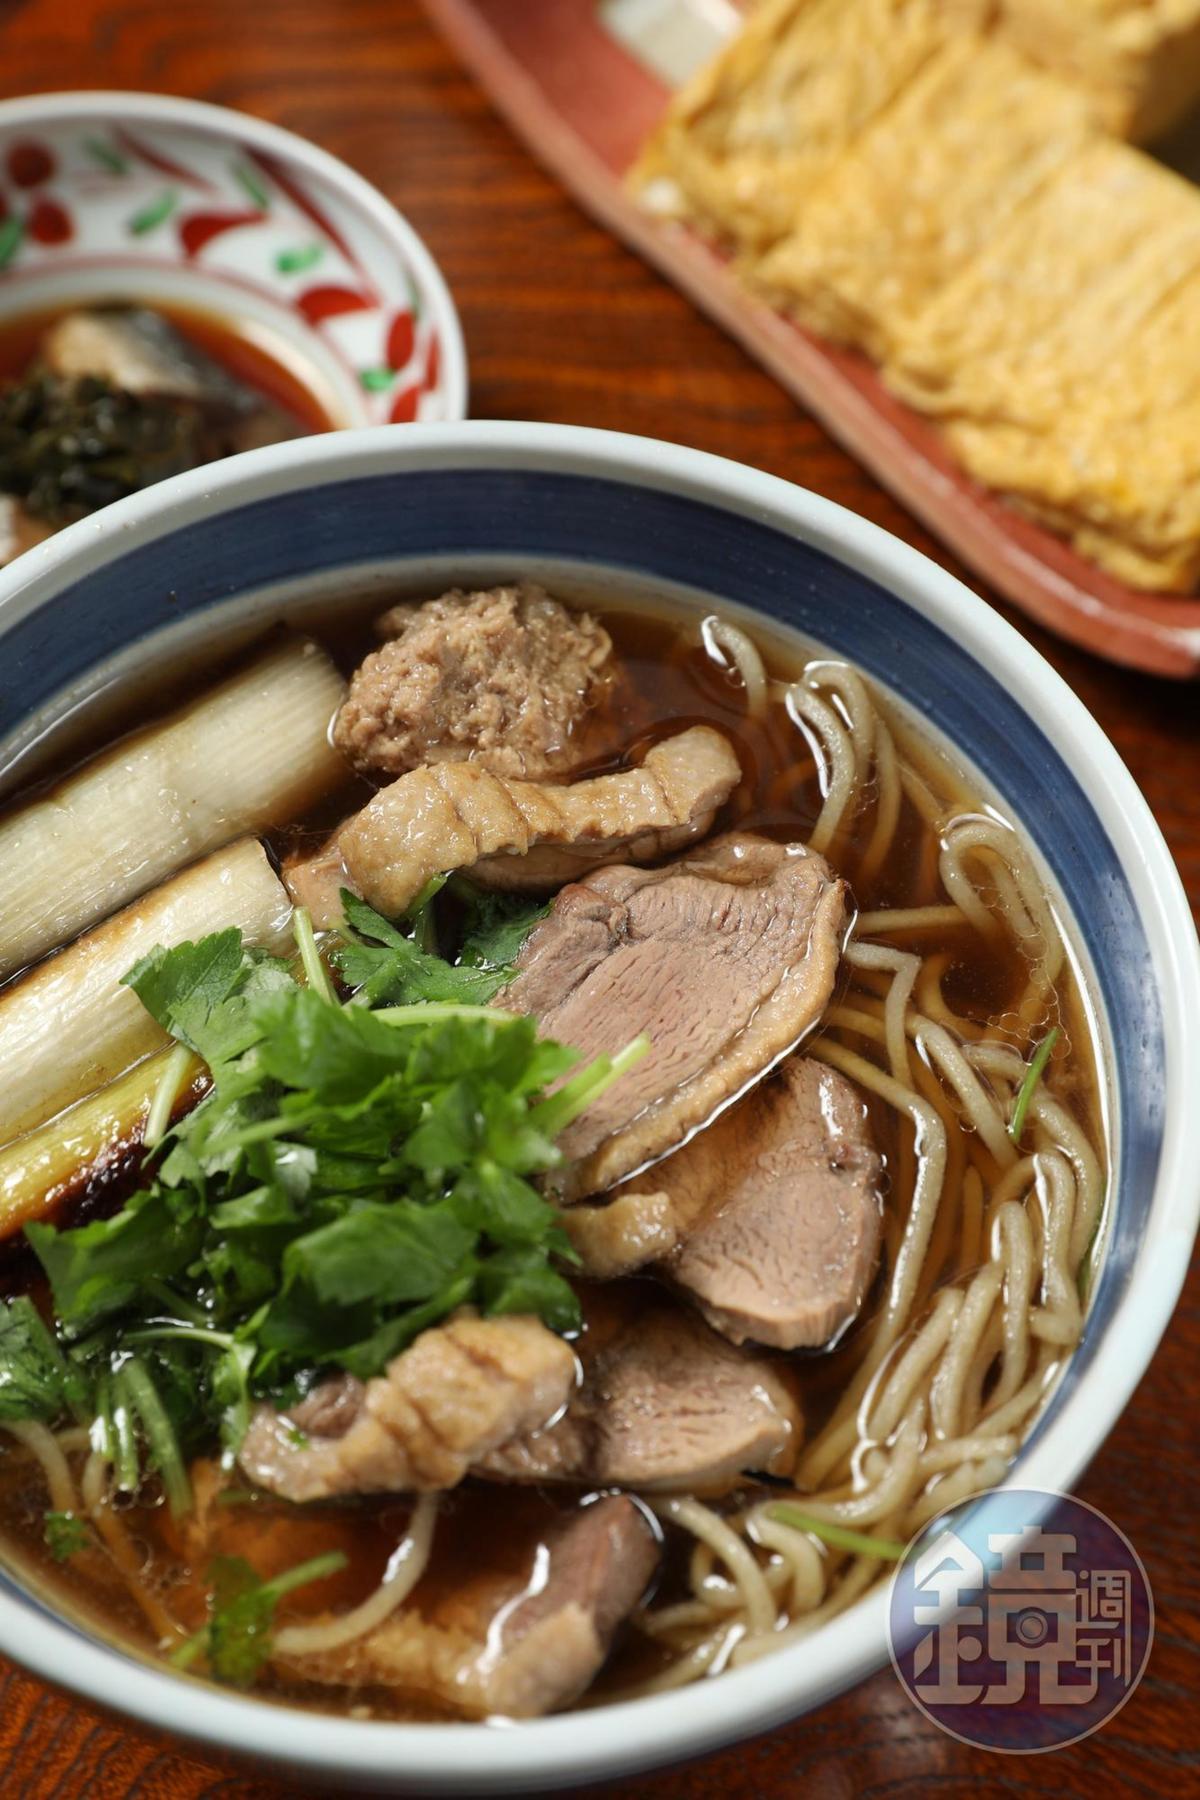 店裡不時推出非菜單上的季節限定蕎麥麵,如「鴨肉南蠻」蕎麥麵。(940日圓/碗,約NT$254)